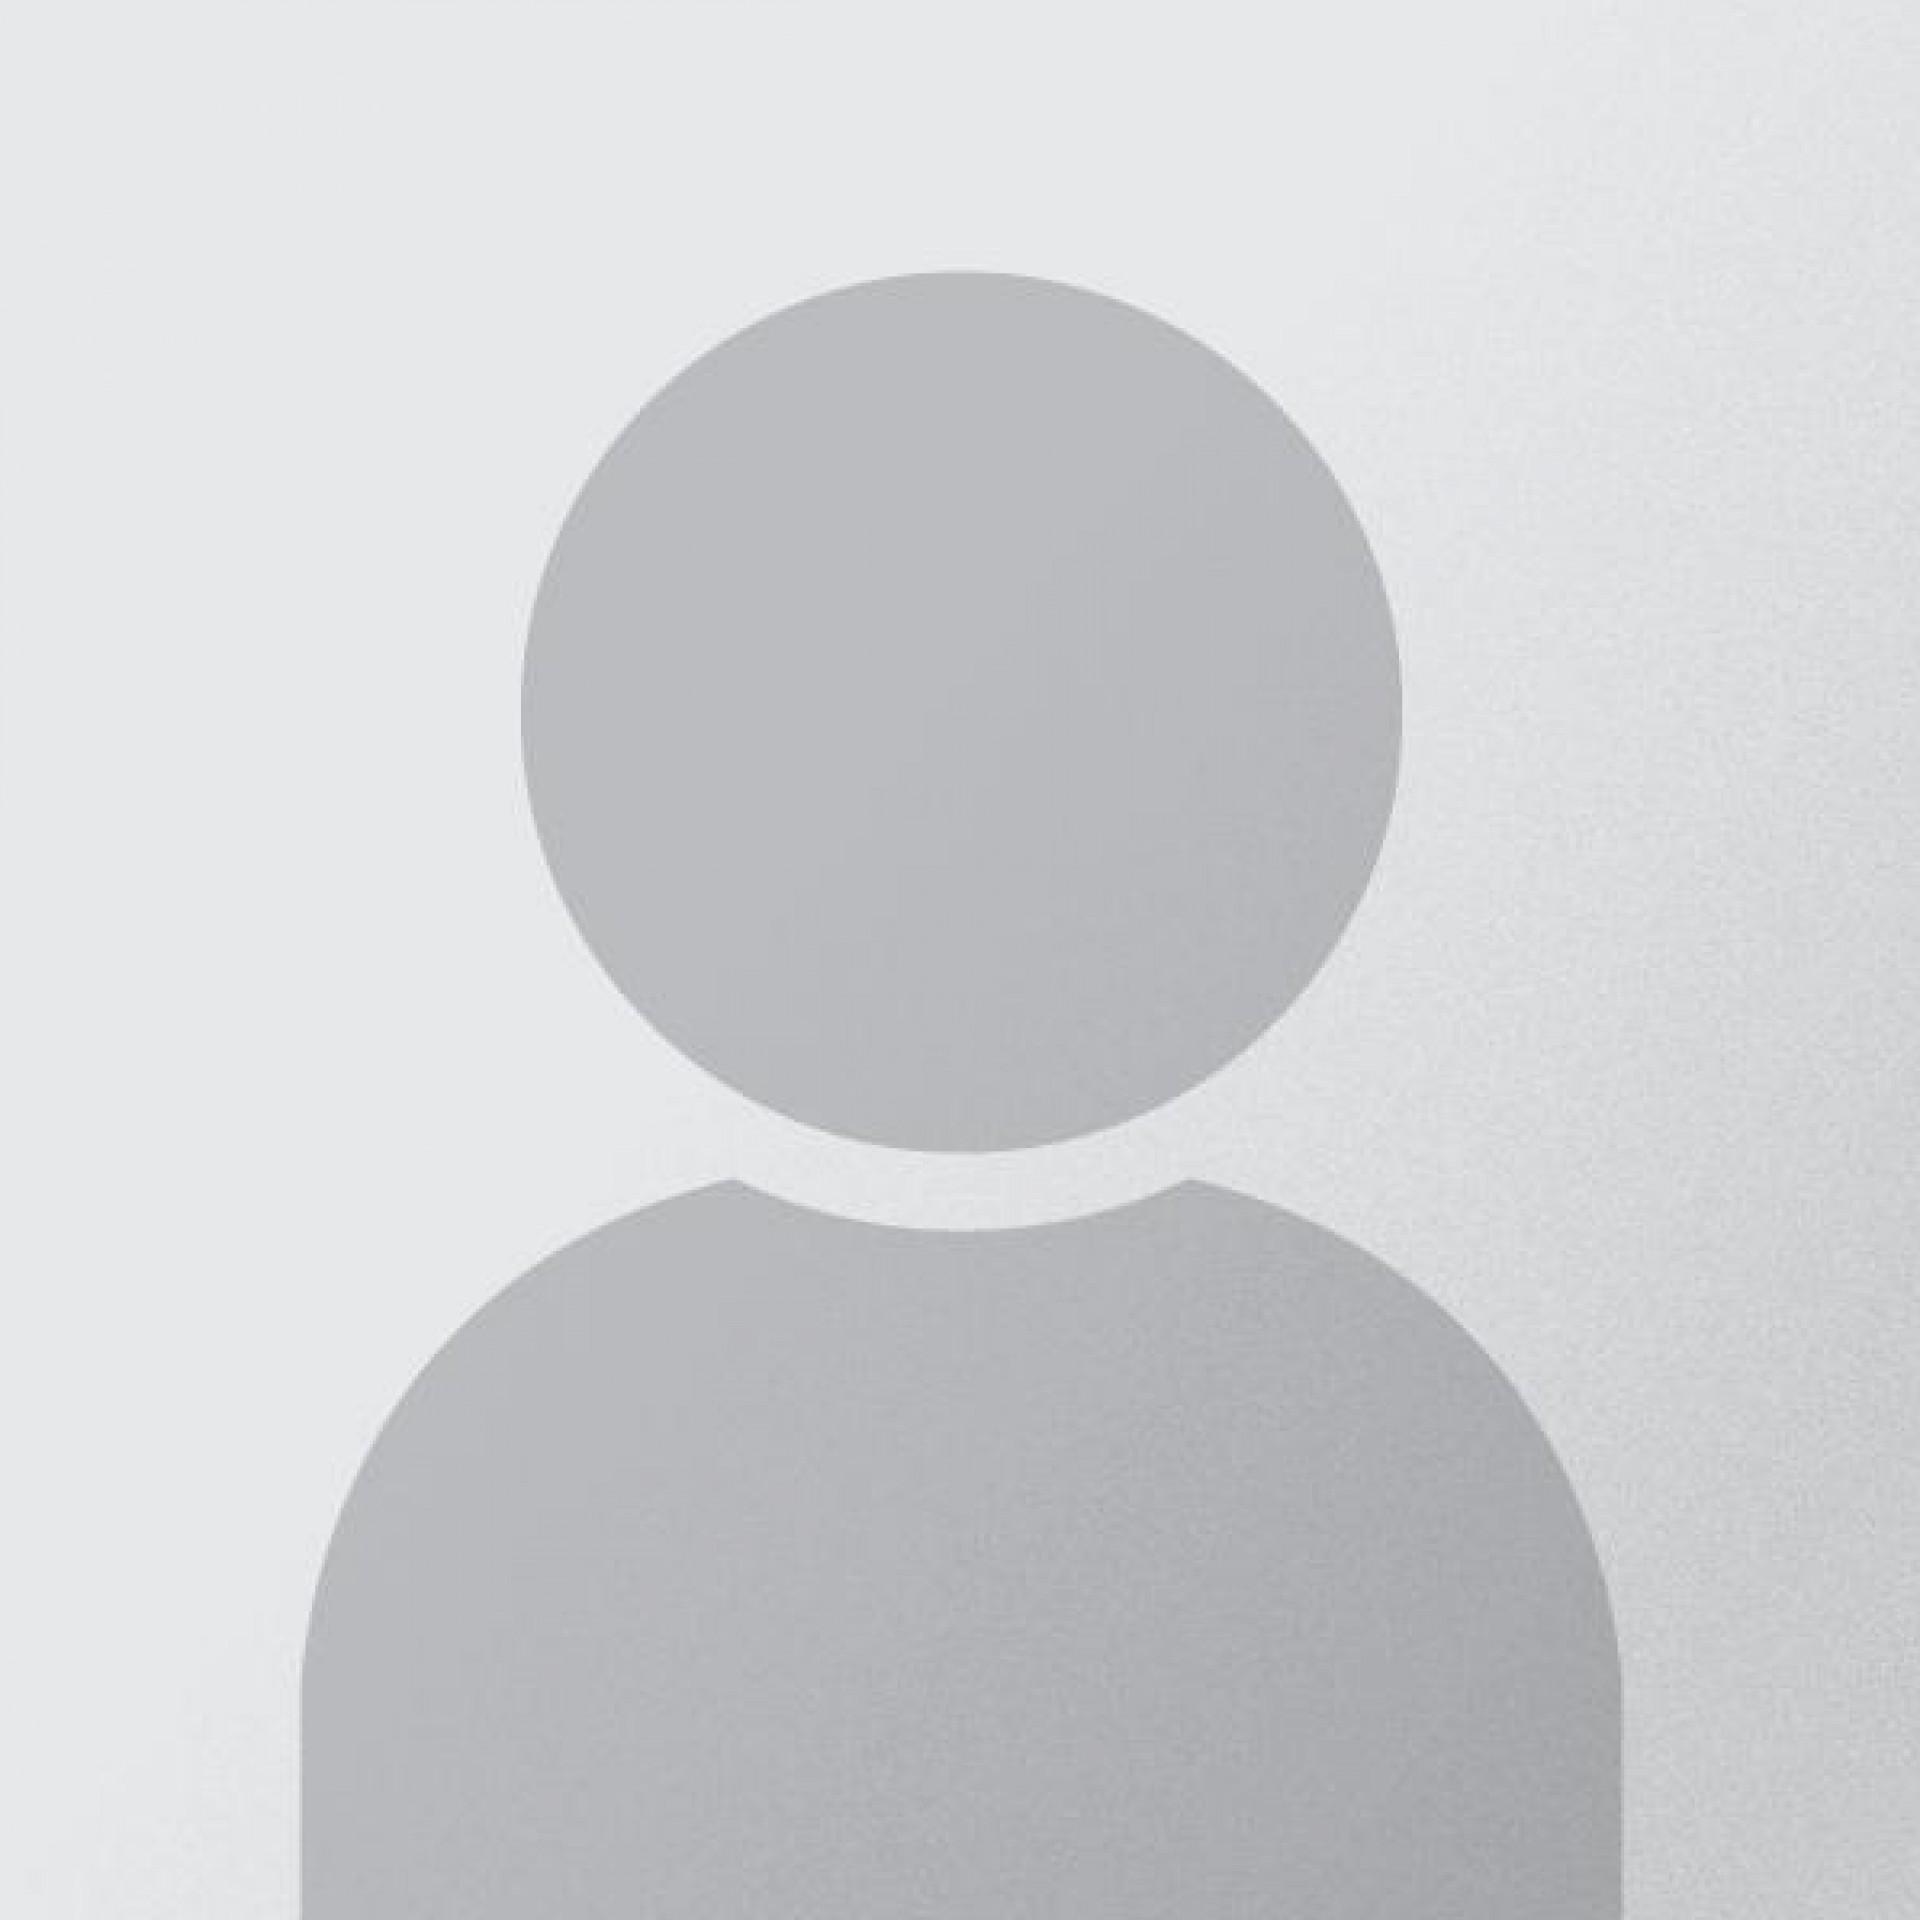 fotografia p021 profilu 0102UWZKB1